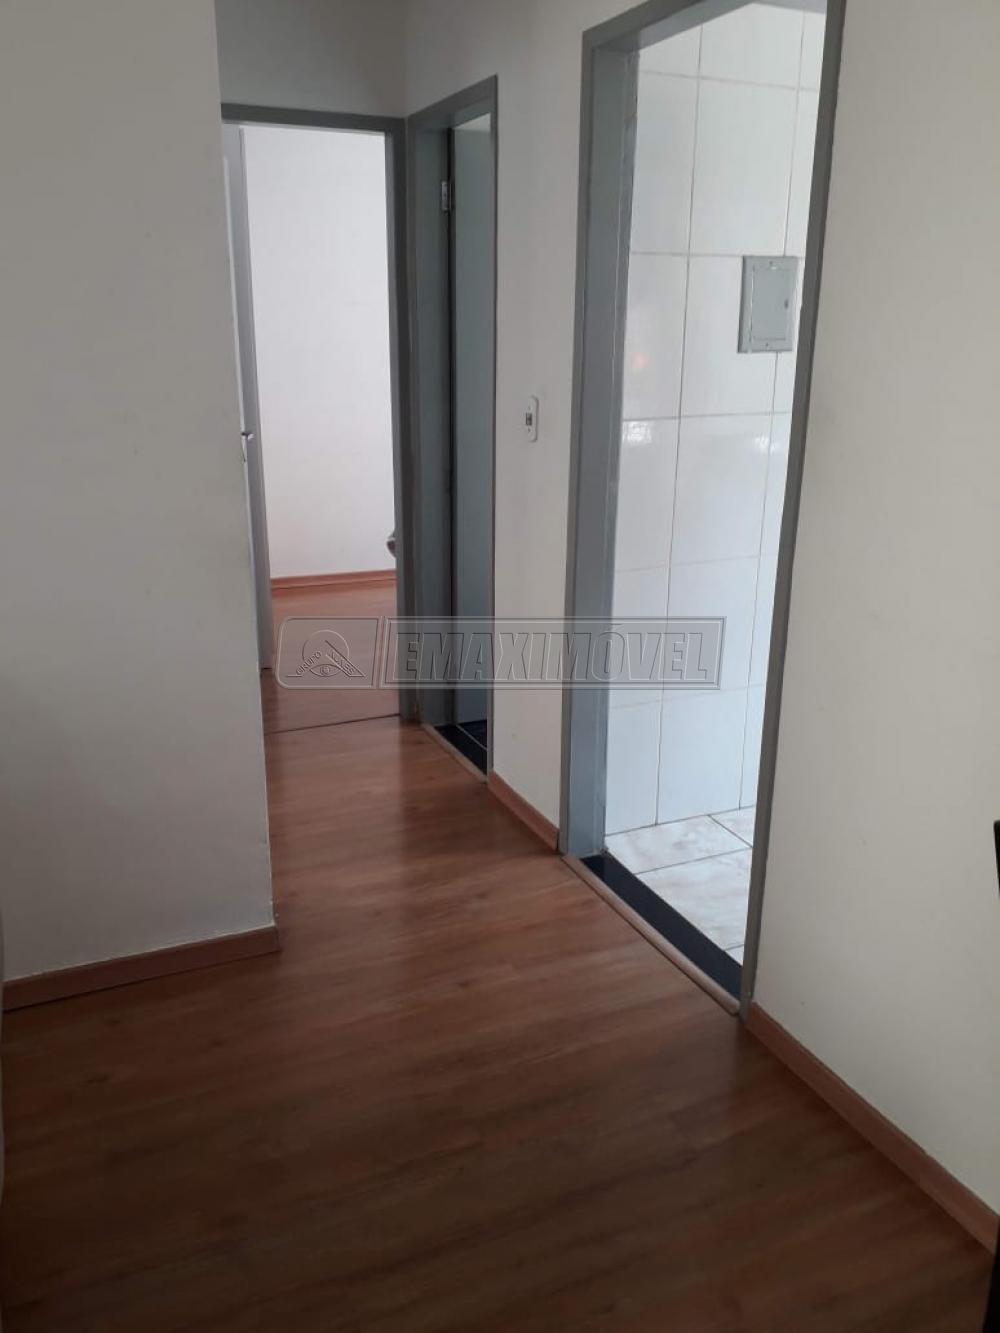 Comprar Apartamentos / Apto Padrão em Sorocaba apenas R$ 170.000,00 - Foto 3